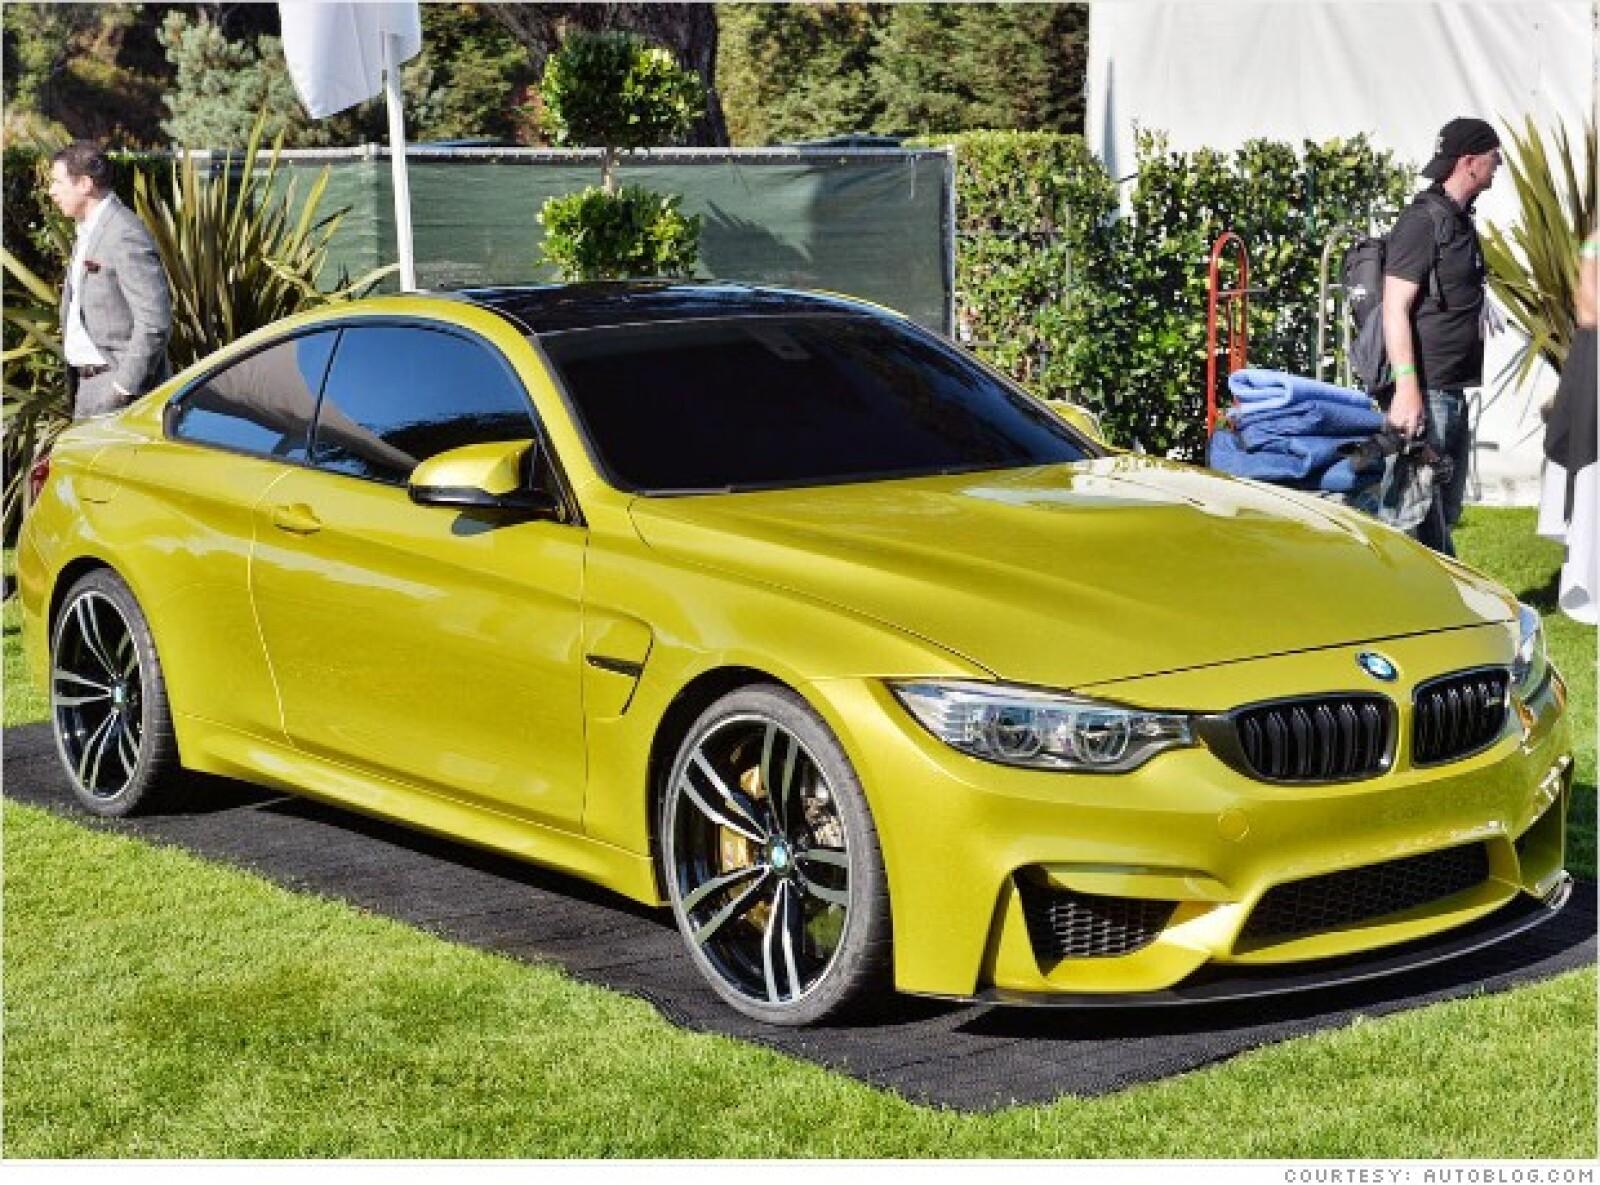 El salón del automóvil anual de Pebble Beach presenta en su mayoría autos de colección de gama alta. BMW dio a conocer una versión concepto cercana a la producción de su próximo coupé M4 de alto rendimiento. Con acabados en un llamativo, aunque un poco ex